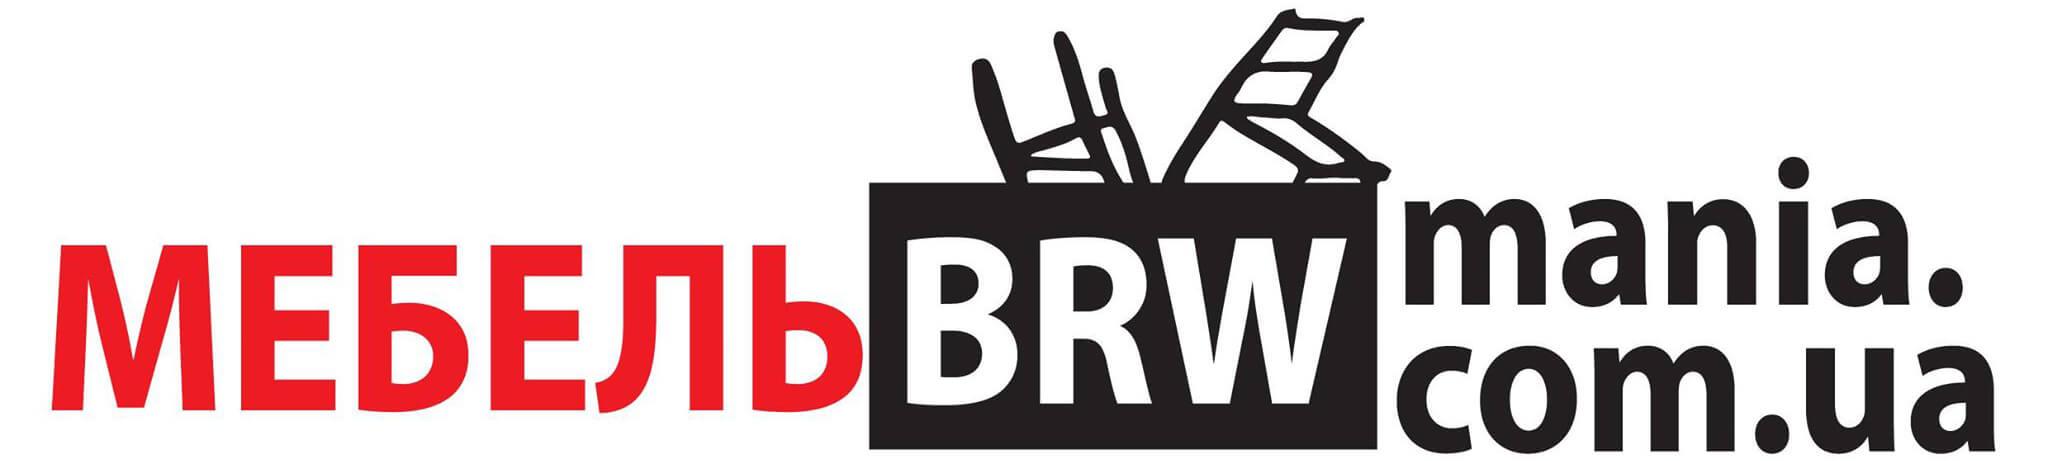 Магазин мебели BRW mania